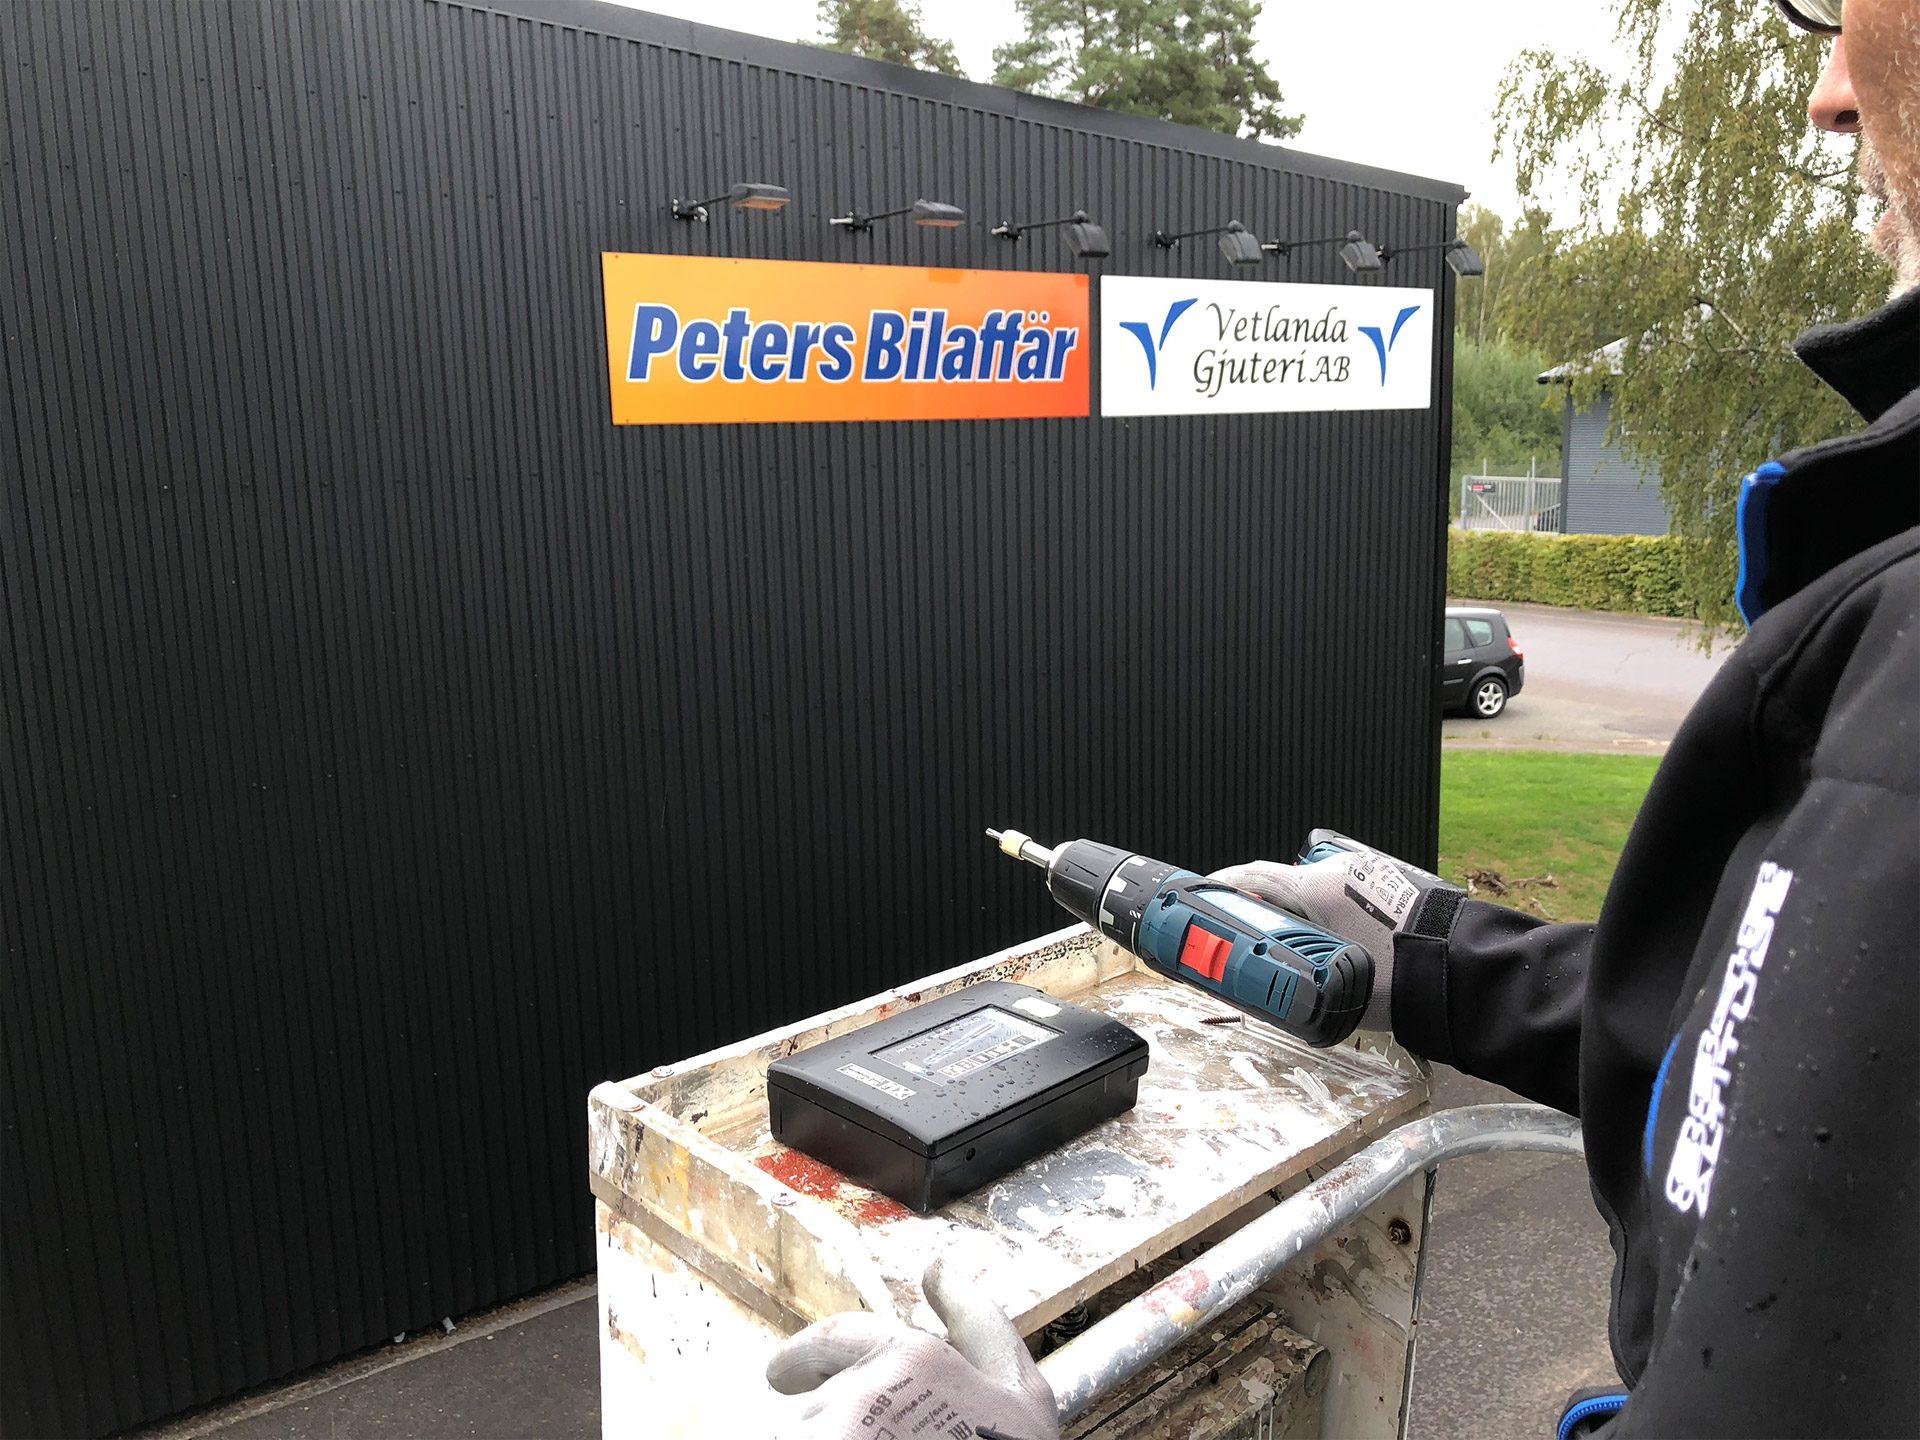 Peters bilaffär - fasadskylt